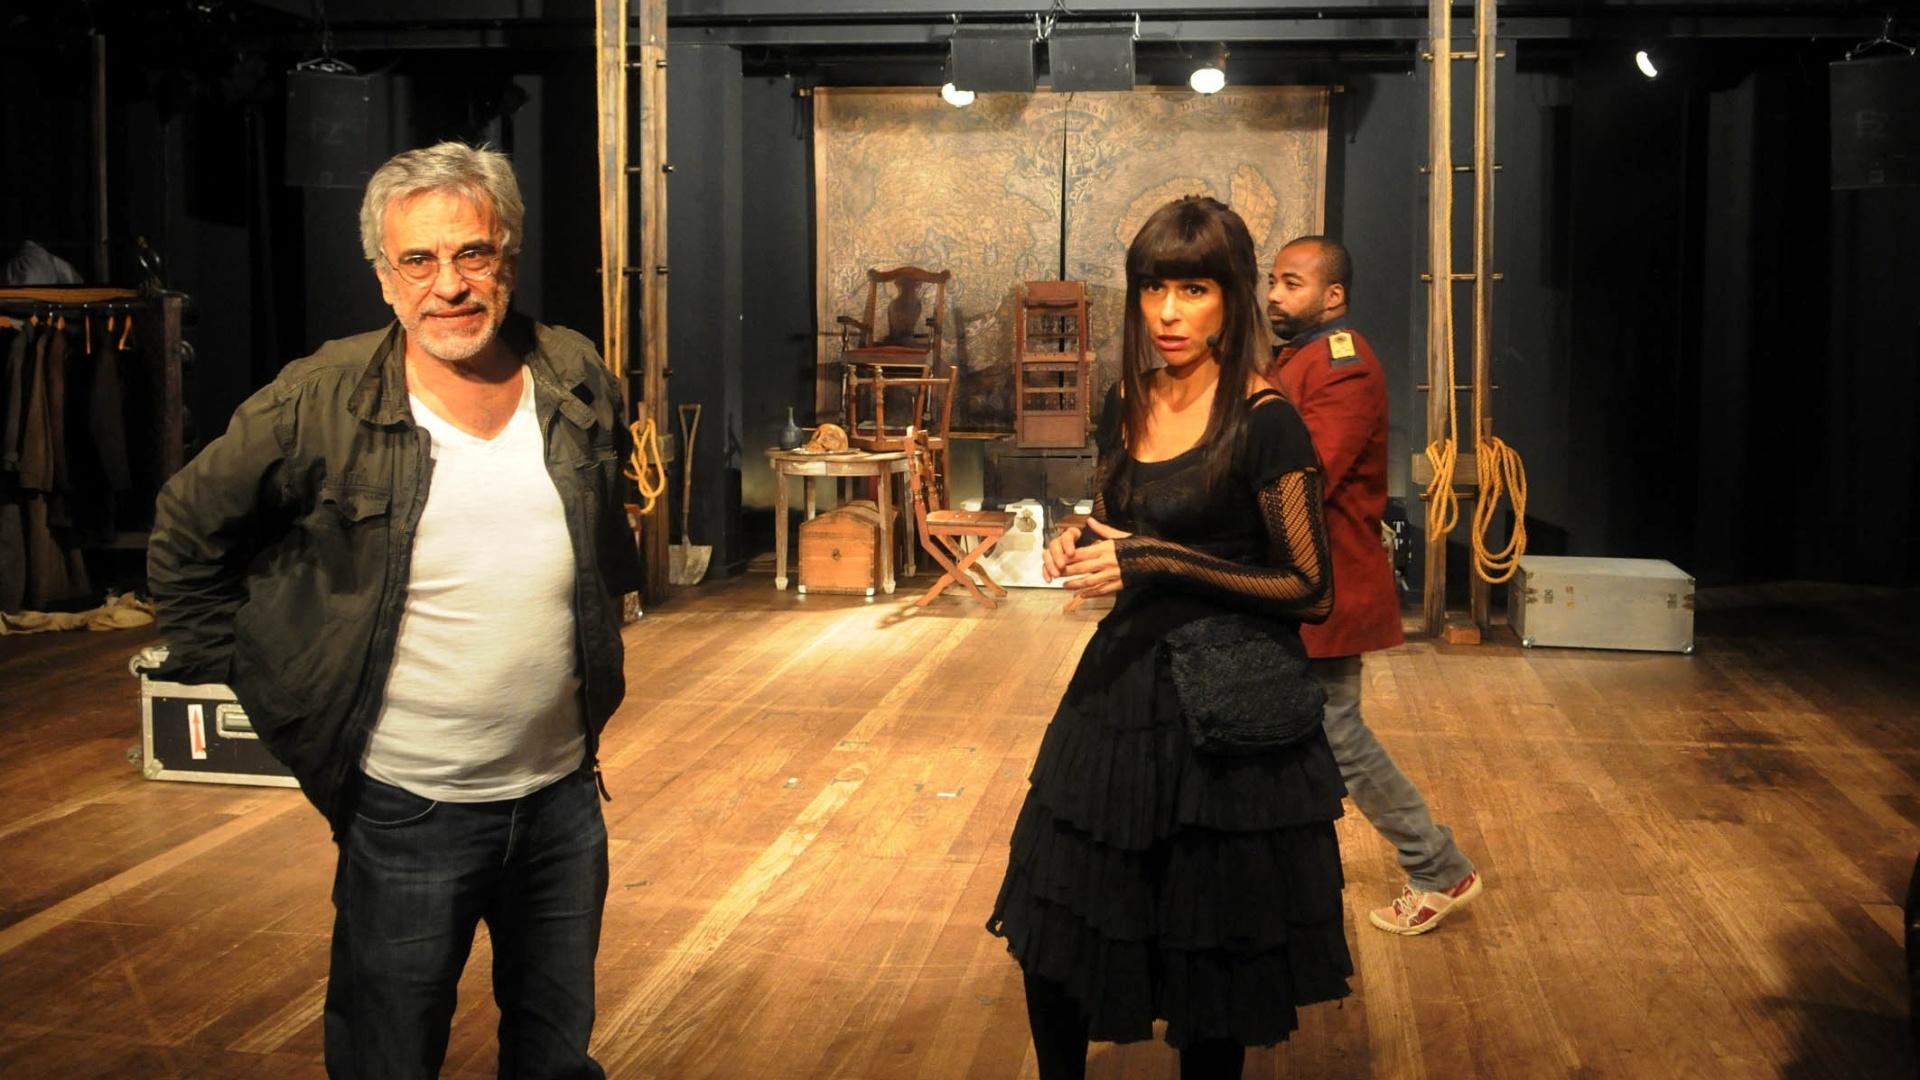 http://imguol.com/2012/11/14/andrea-beltrao-encena-a-comedia-rock-jacinta-que-estreia-nesta-quinta-no-teatro-poeira-zona-sul-do-rio-151112-o-musical-tem-direcao-de-aderbal-freire-filho-1352937445511_1920x1080.jpg